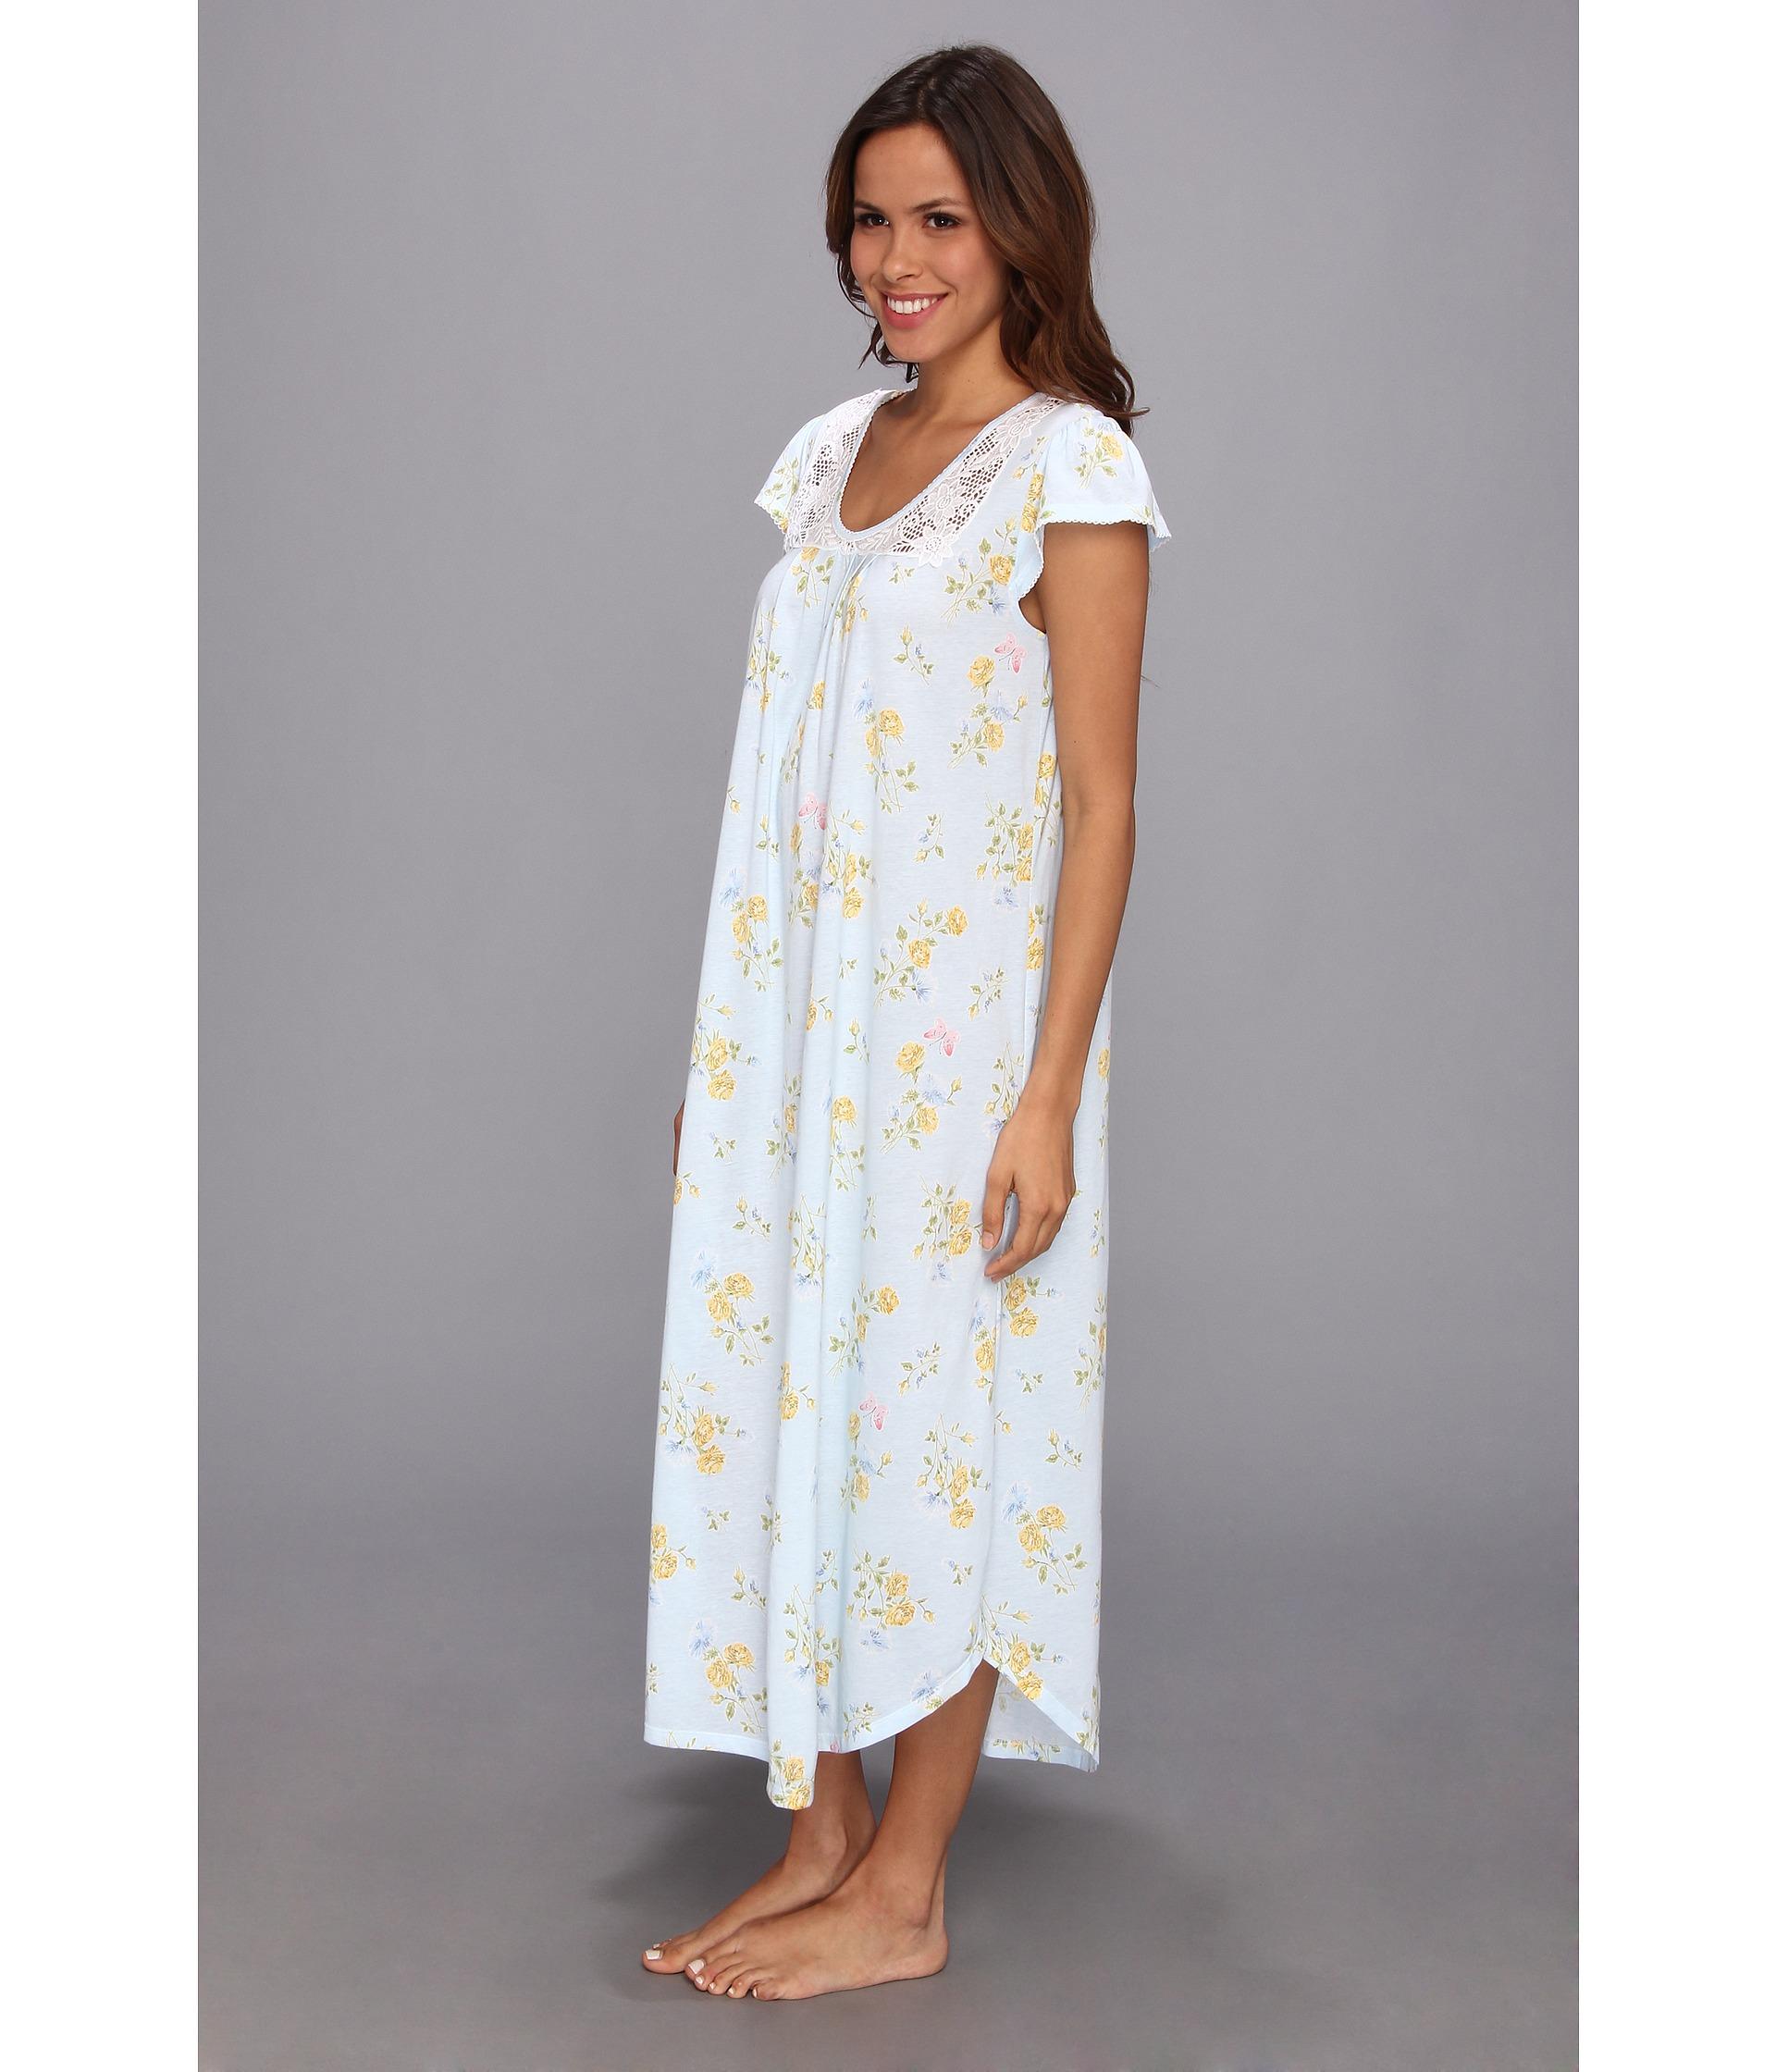 Lyst - Carole Hochman Garden Reverie Long Nightgown